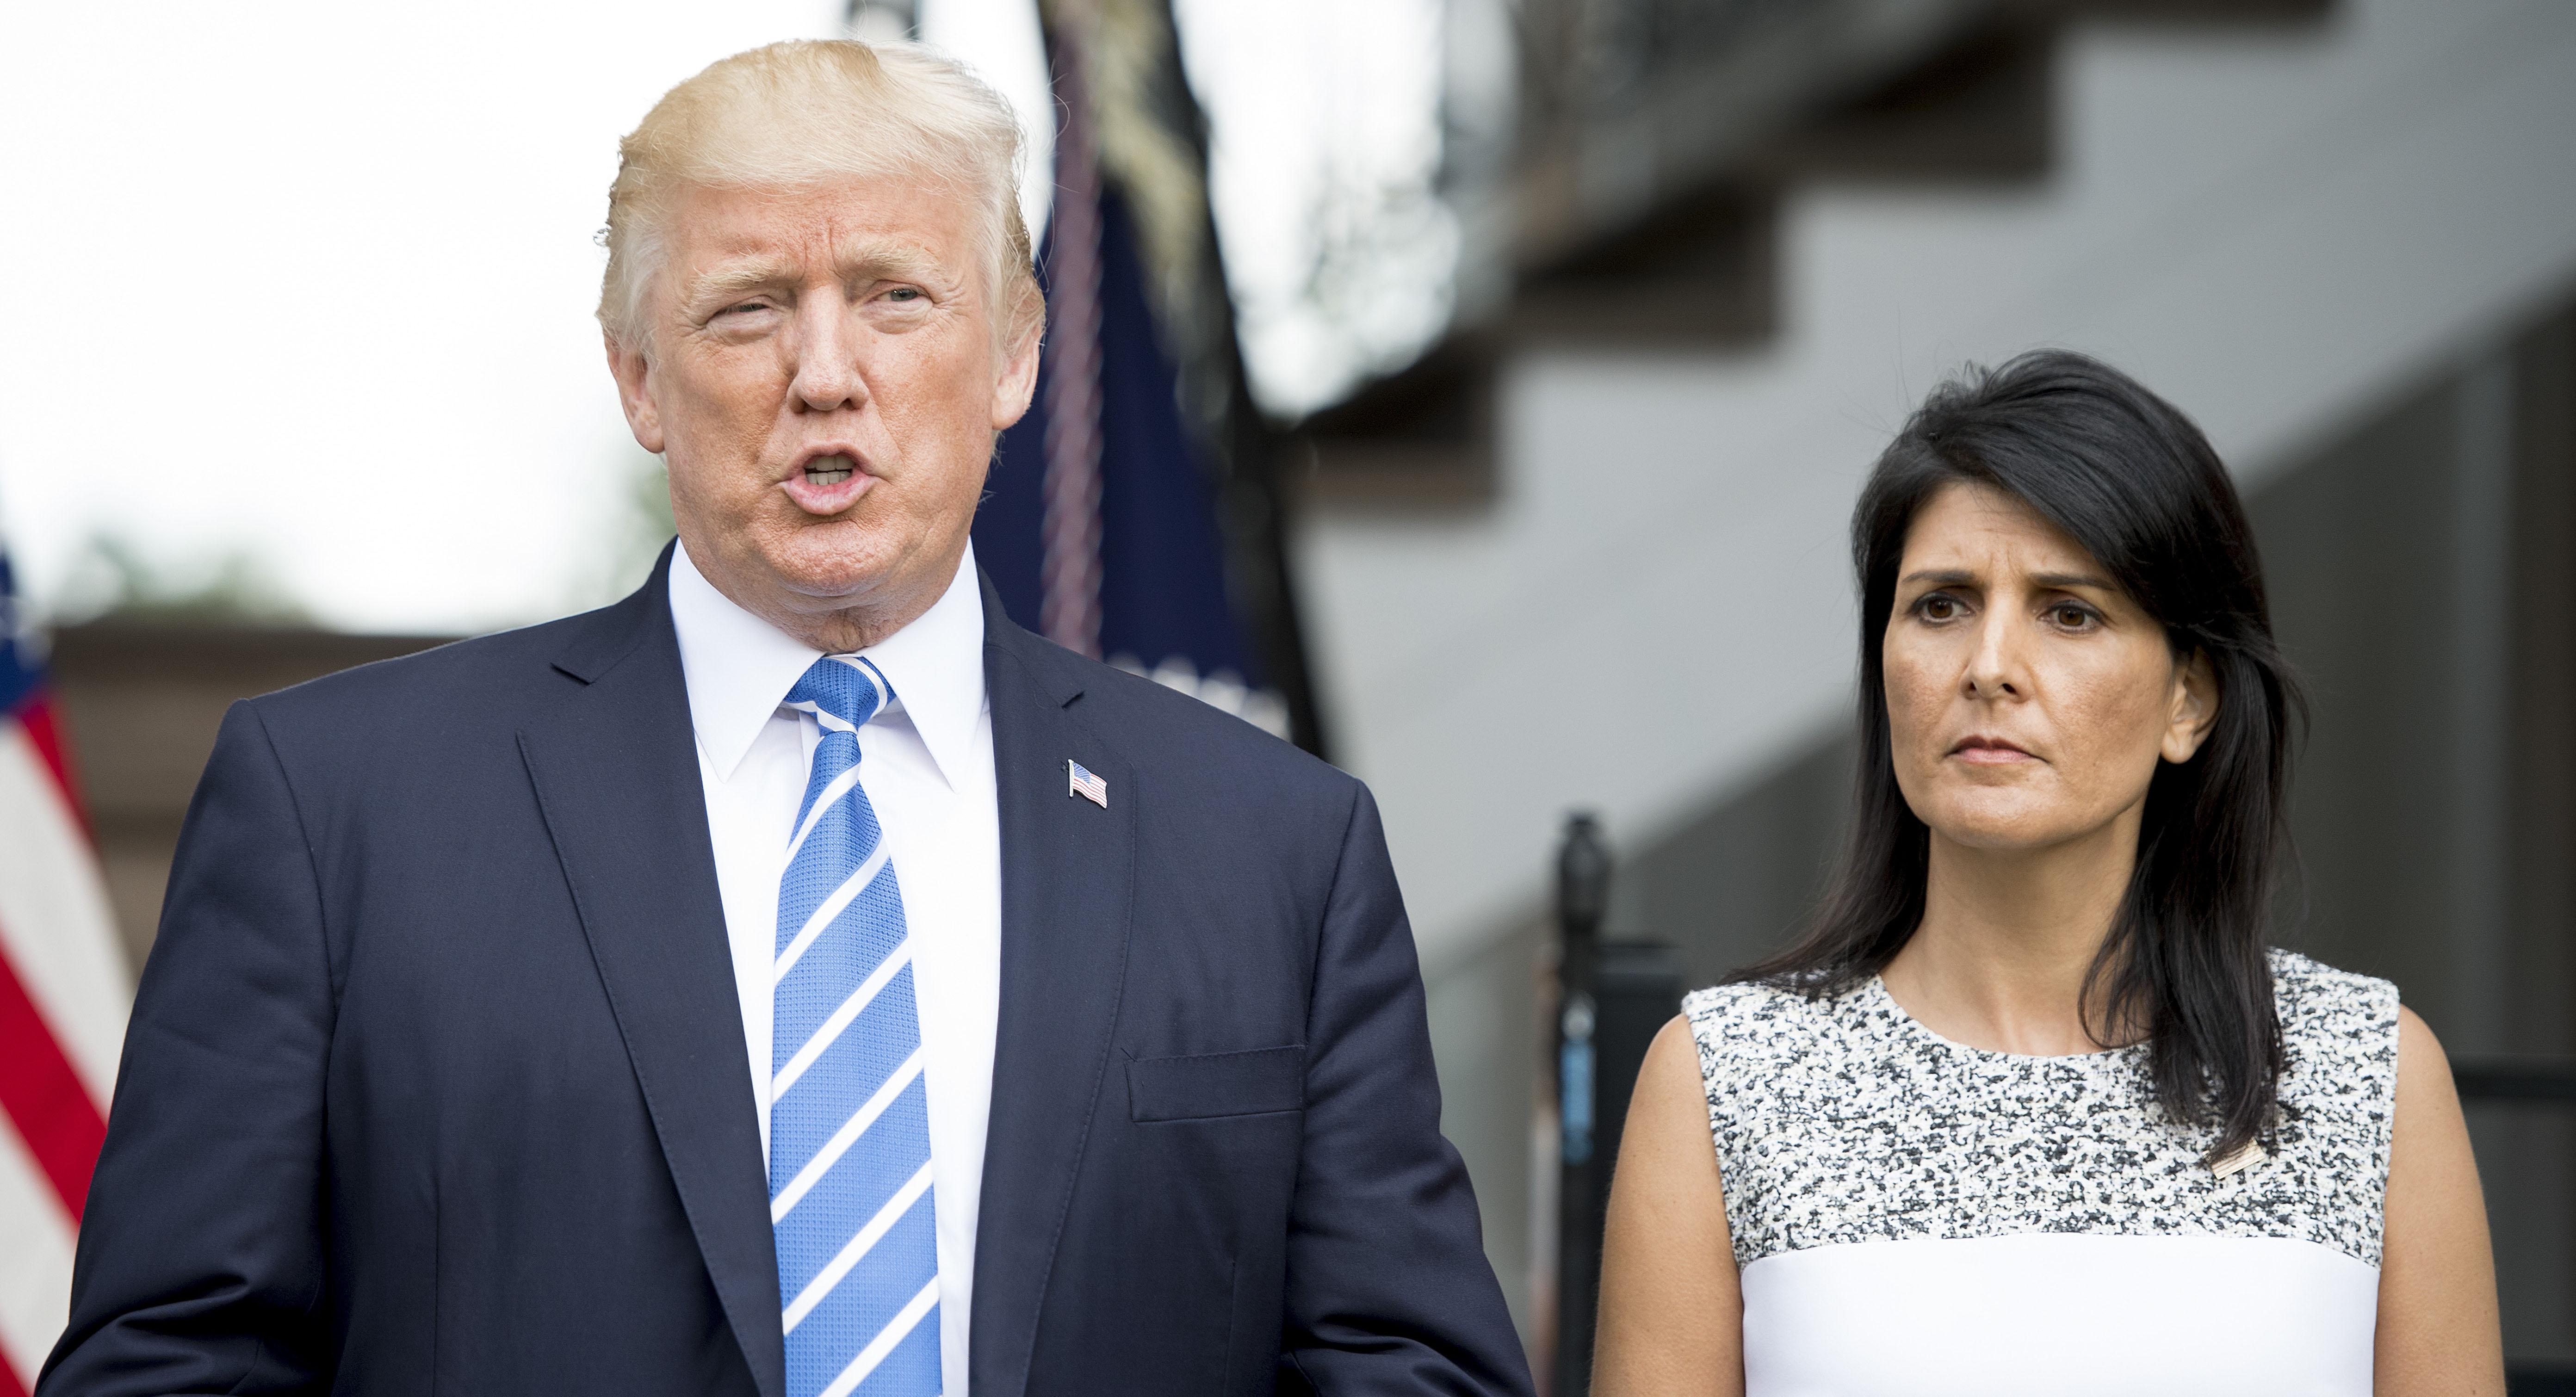 ABD Kudüs kararını kabul etmeyen ülkeleri 'ödül'lendirecek